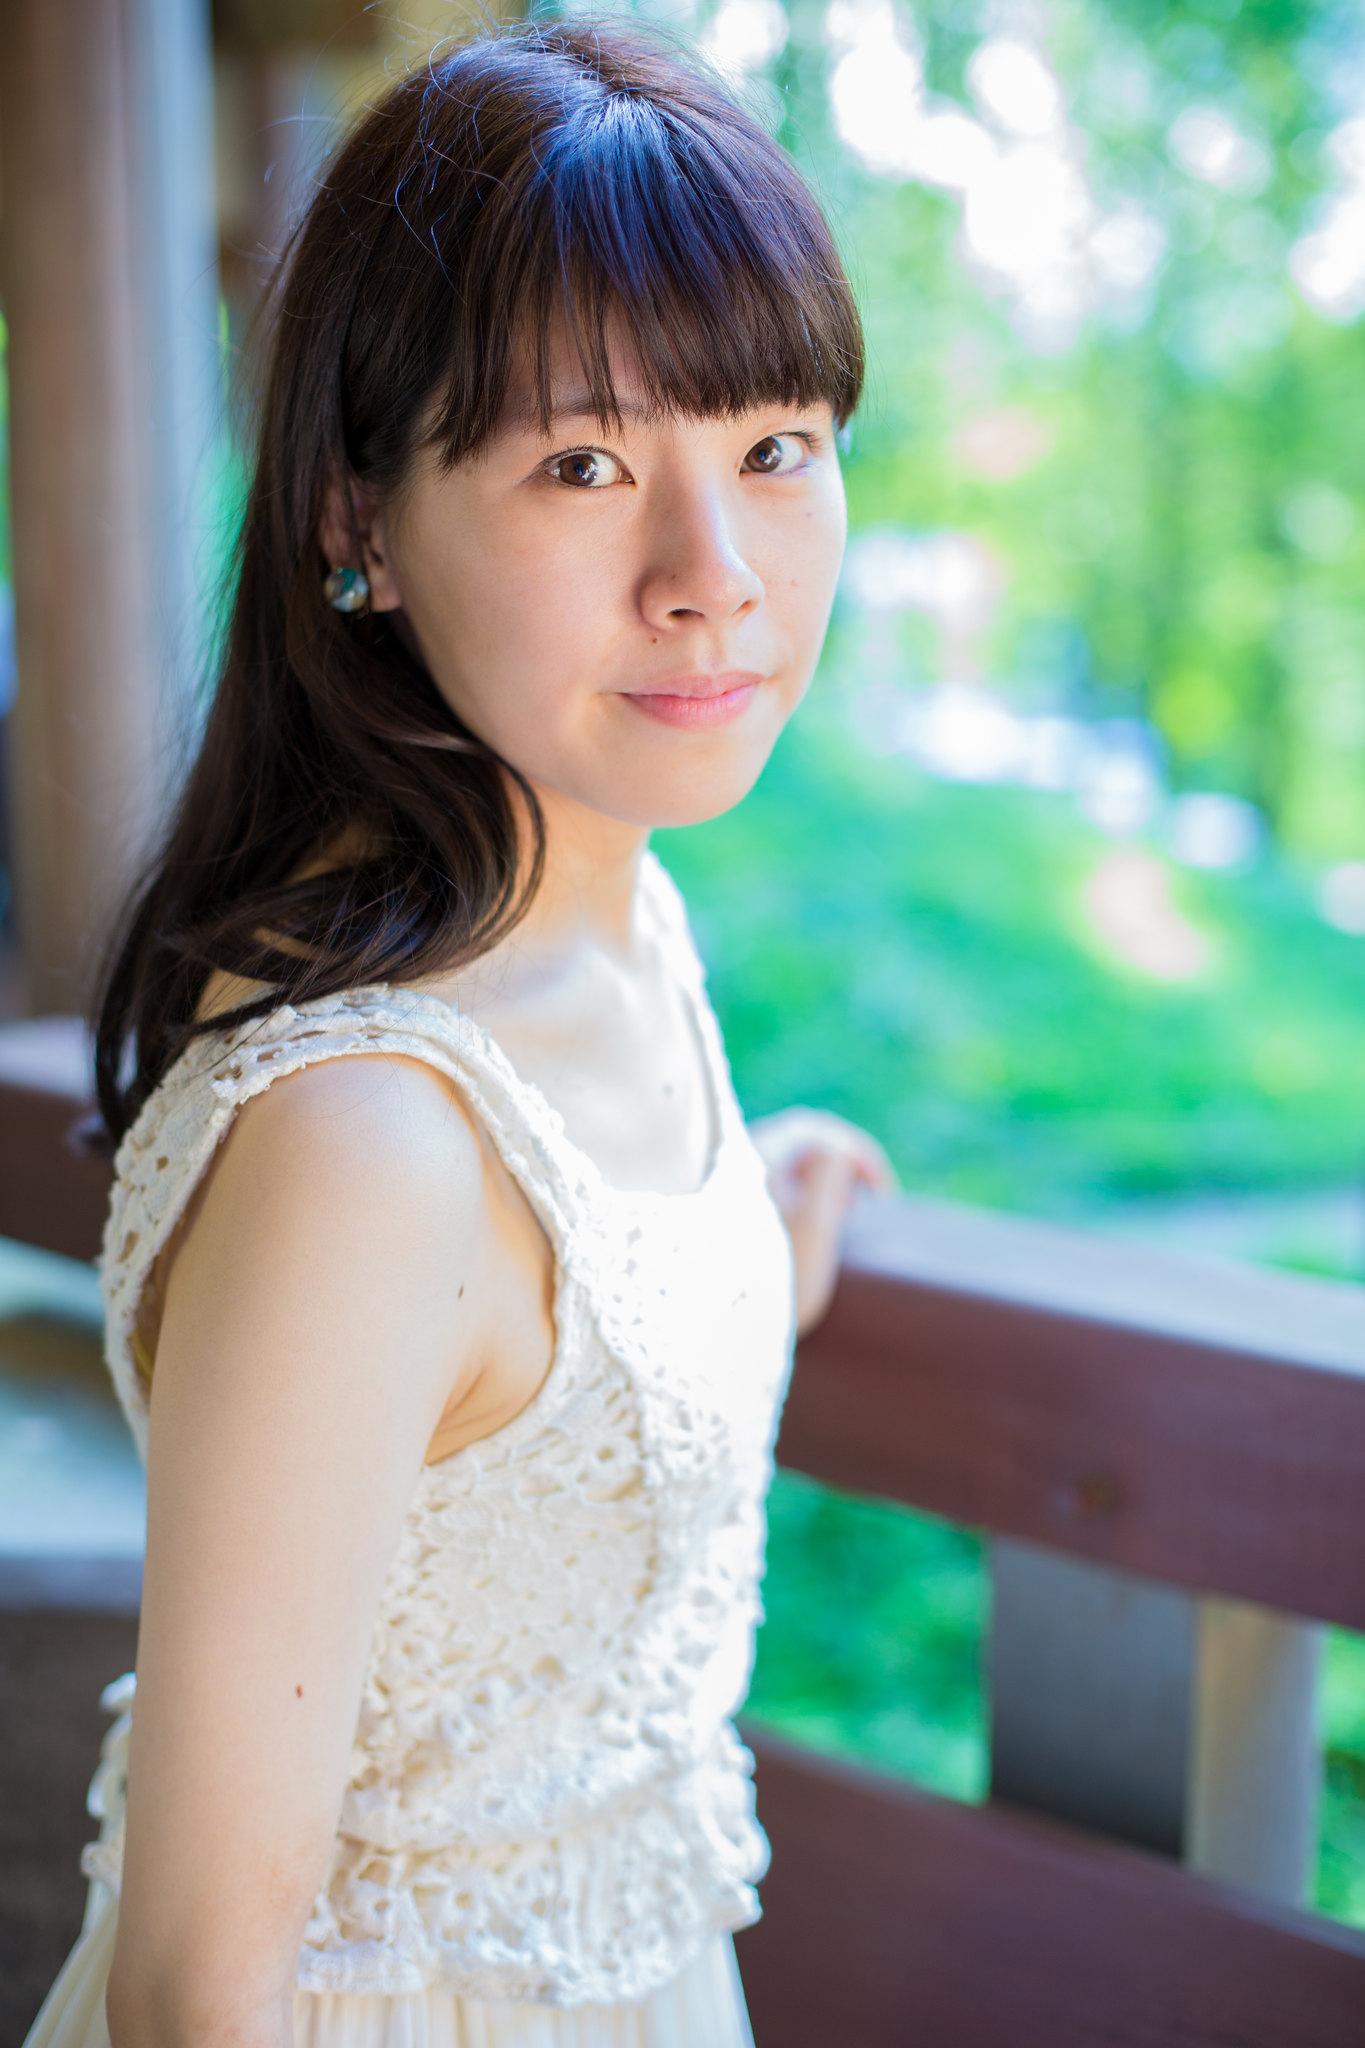 雛月結衣 yui hinatsuki